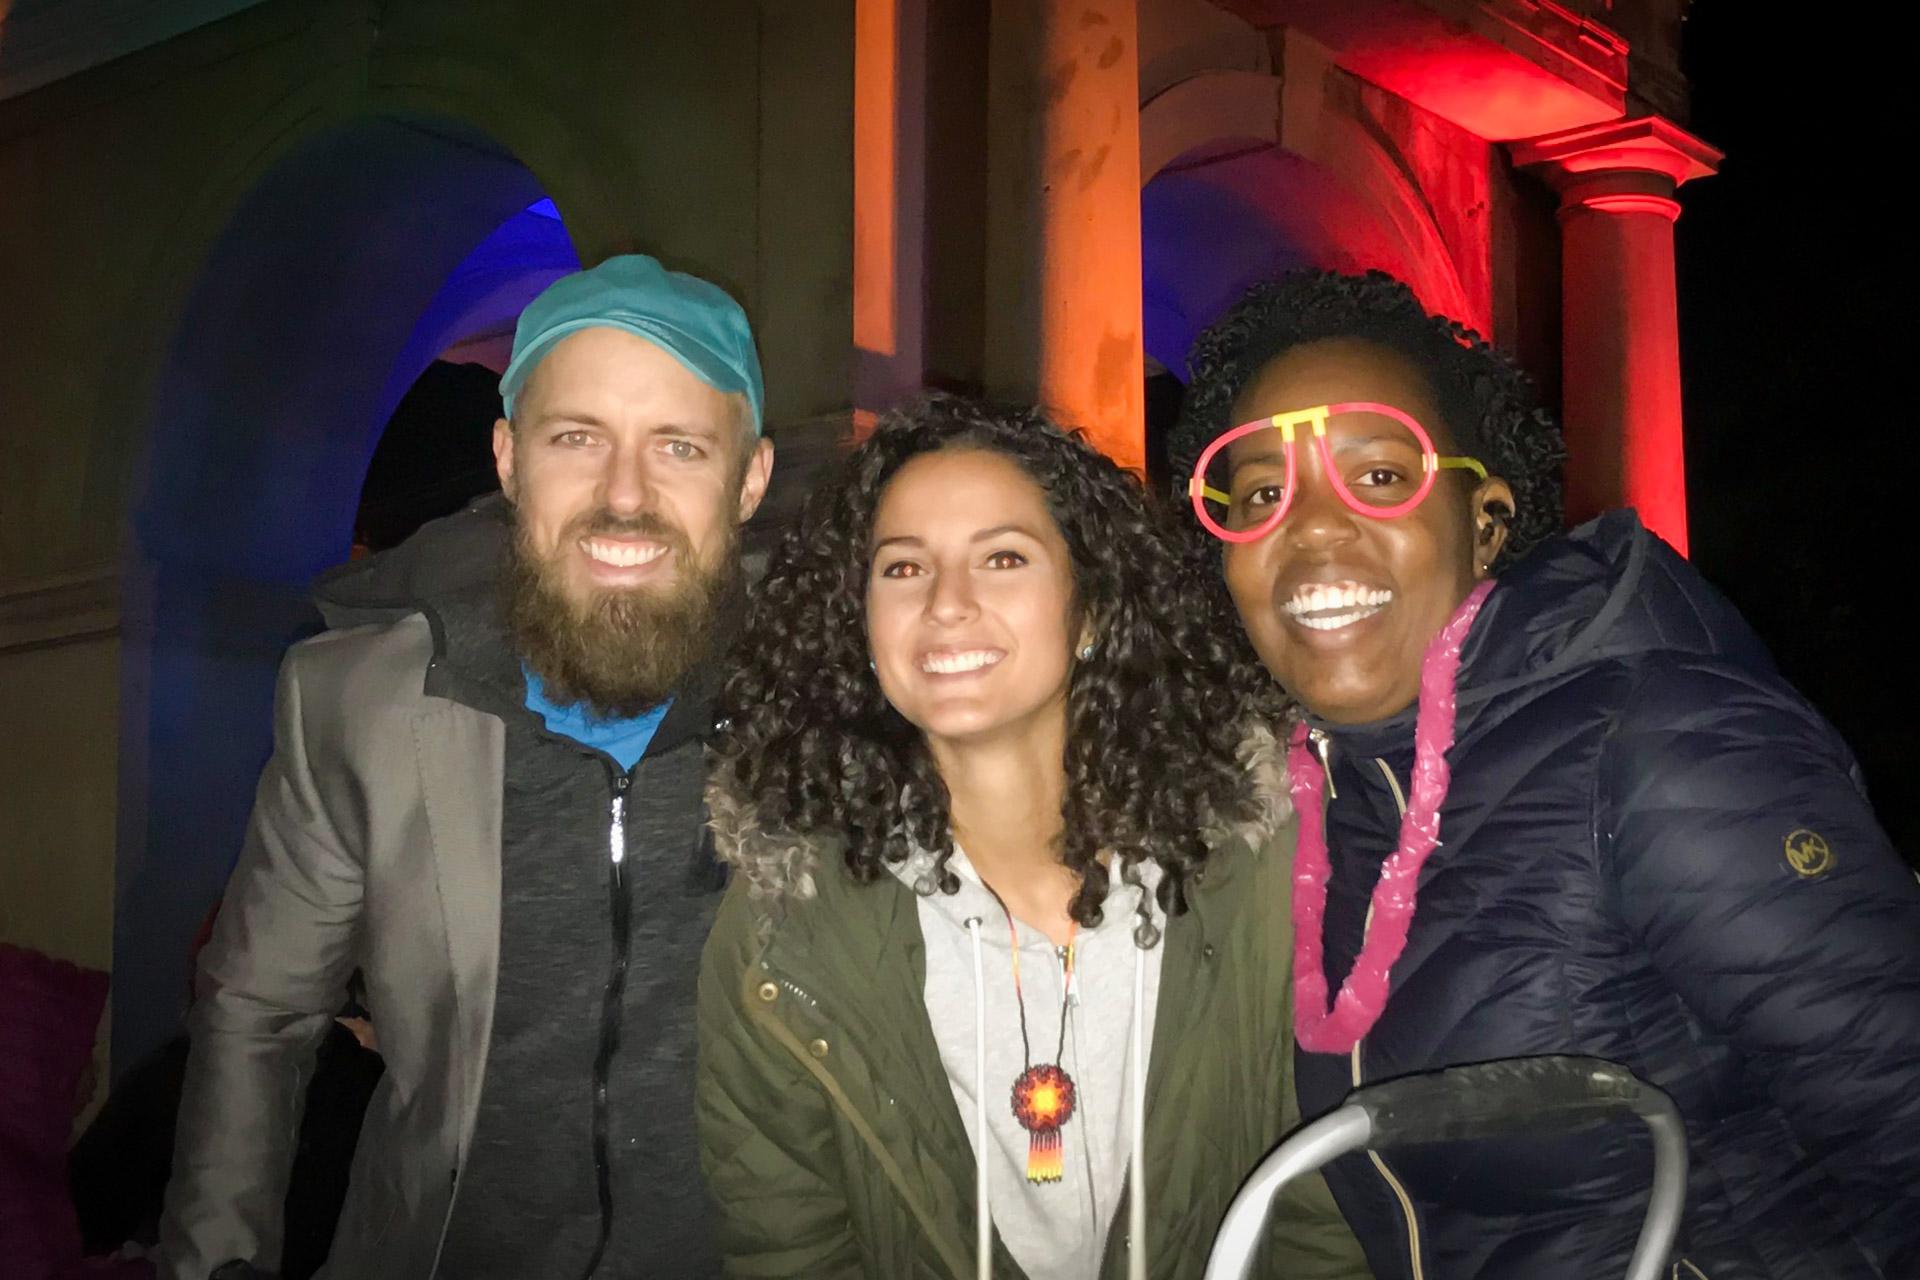 Arches & Access organizers Graham Coreil-Allen, Jessy DeSantis, & Courtney Bettle